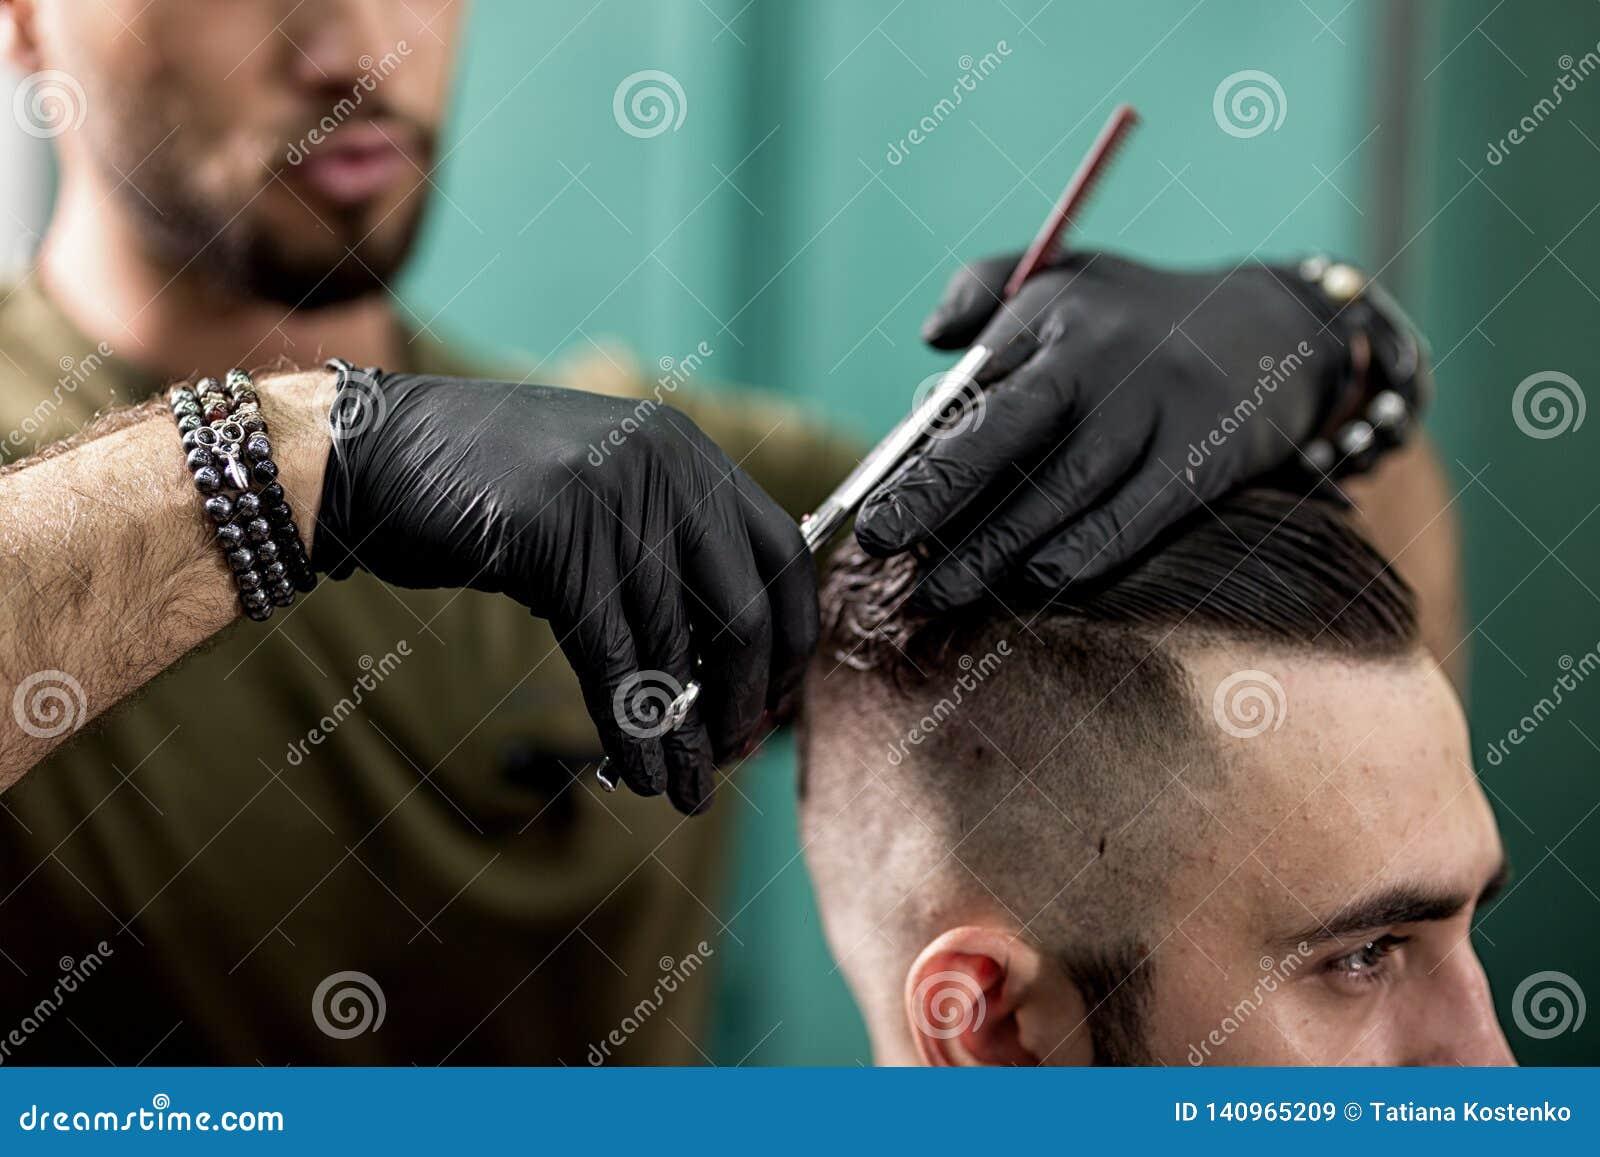 Fryzjer męski w czarnych rękawiczkach ciie z nożyce włosy elegancki mężczyzna przy zakładem fryzjerskim